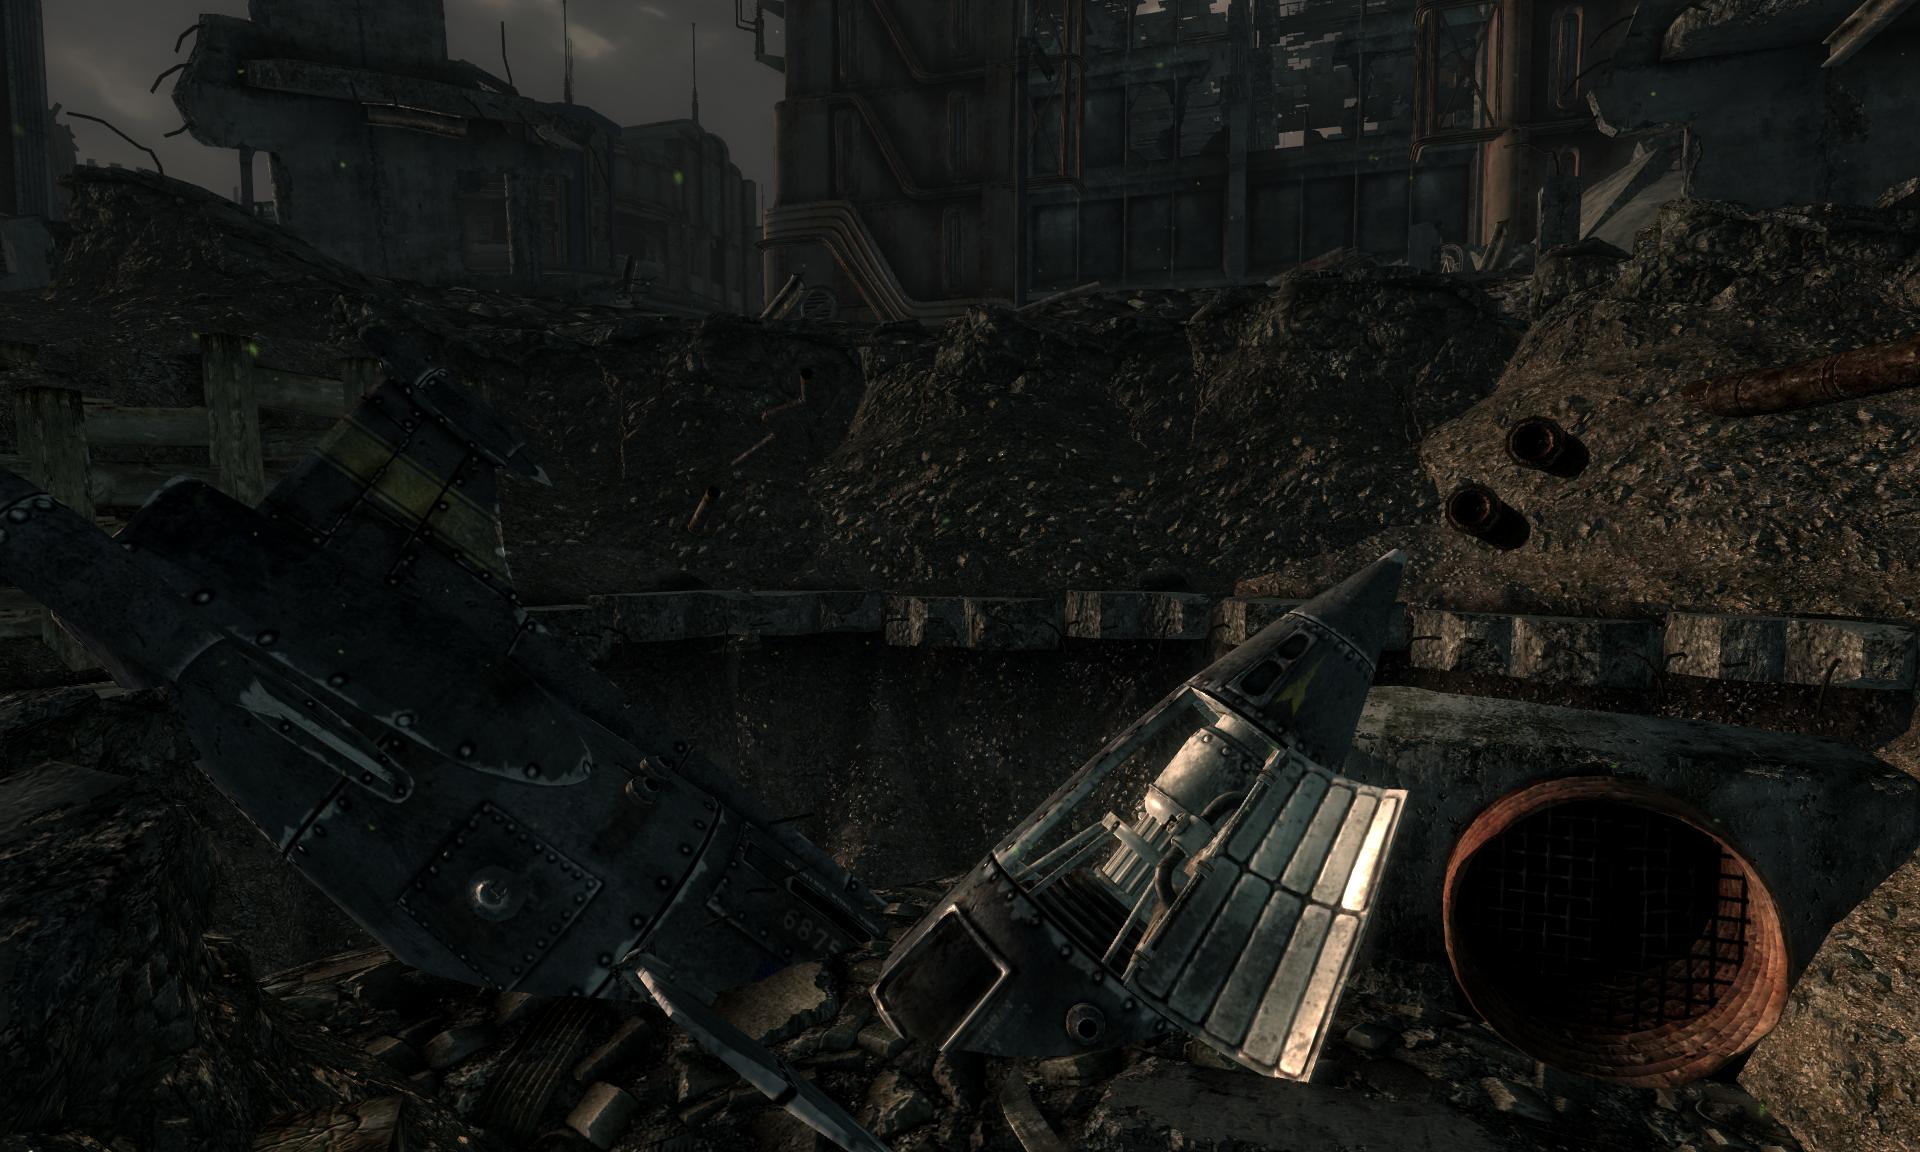 Abwasserkanal (Fallout 3)